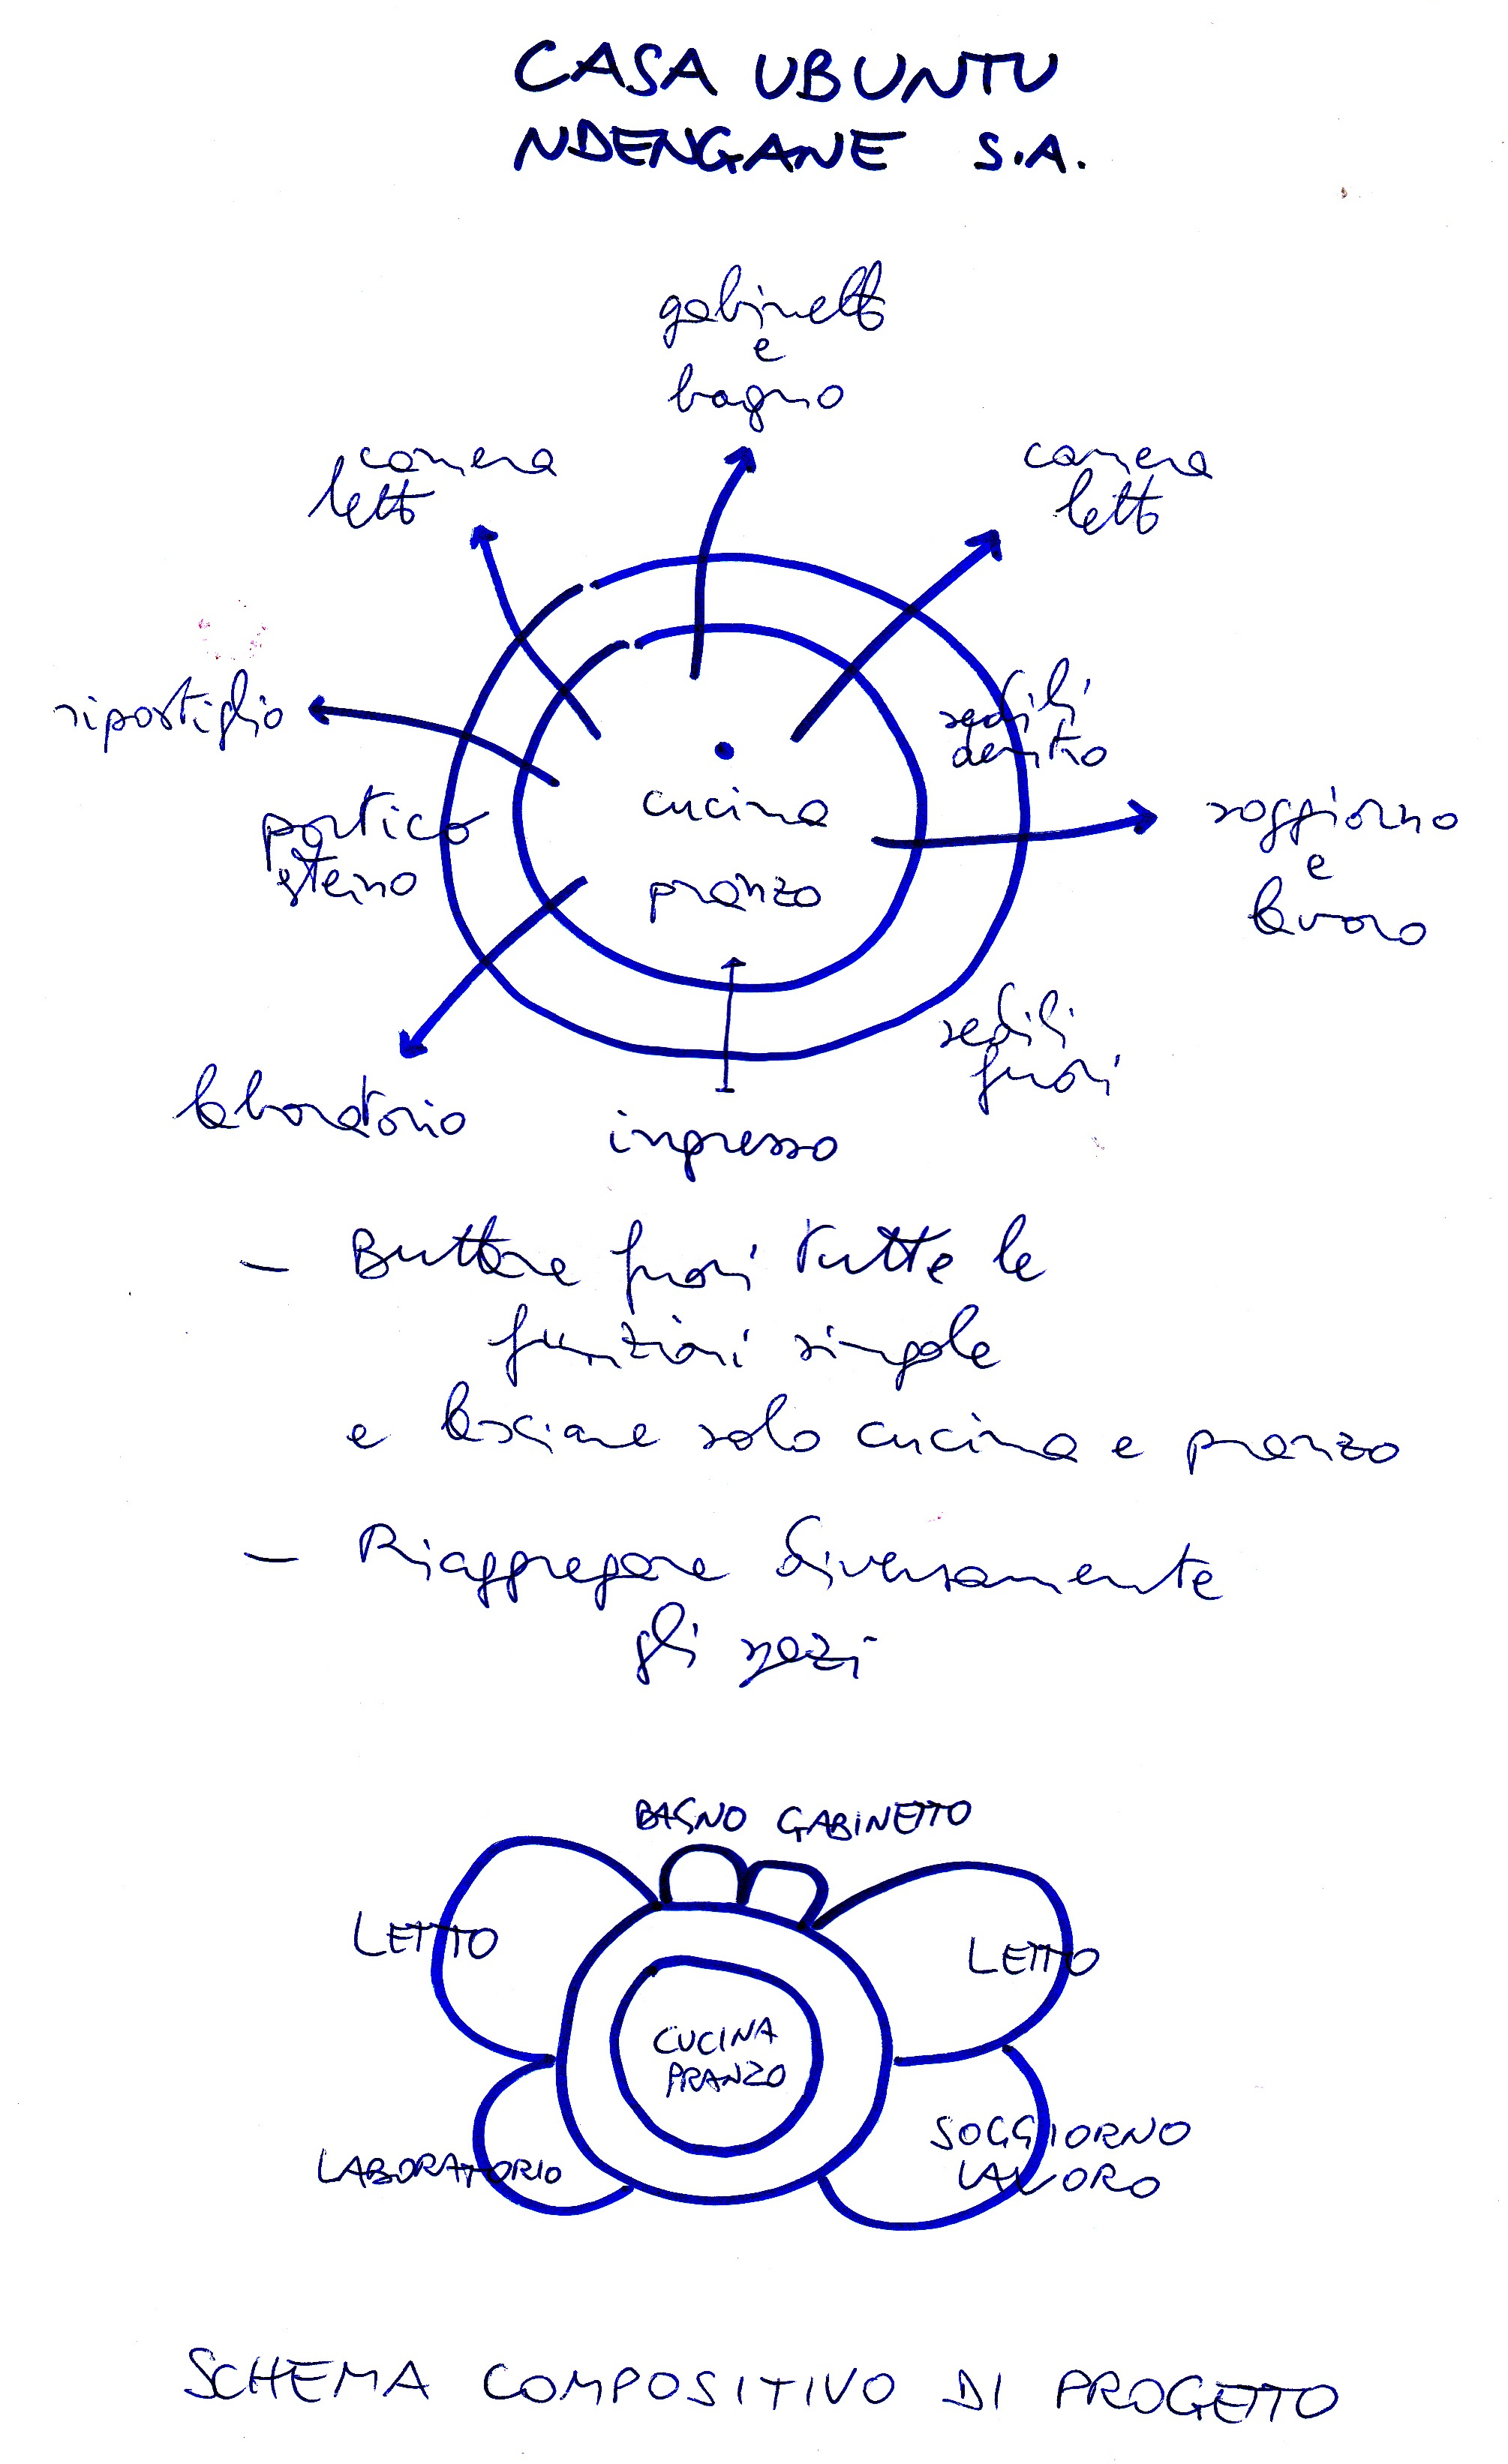 17 - Schema Compositivo di Progetto - Le funzioni finora espulse dalla Capanna, reintegrate in corpi edilizi attaccati all'edif